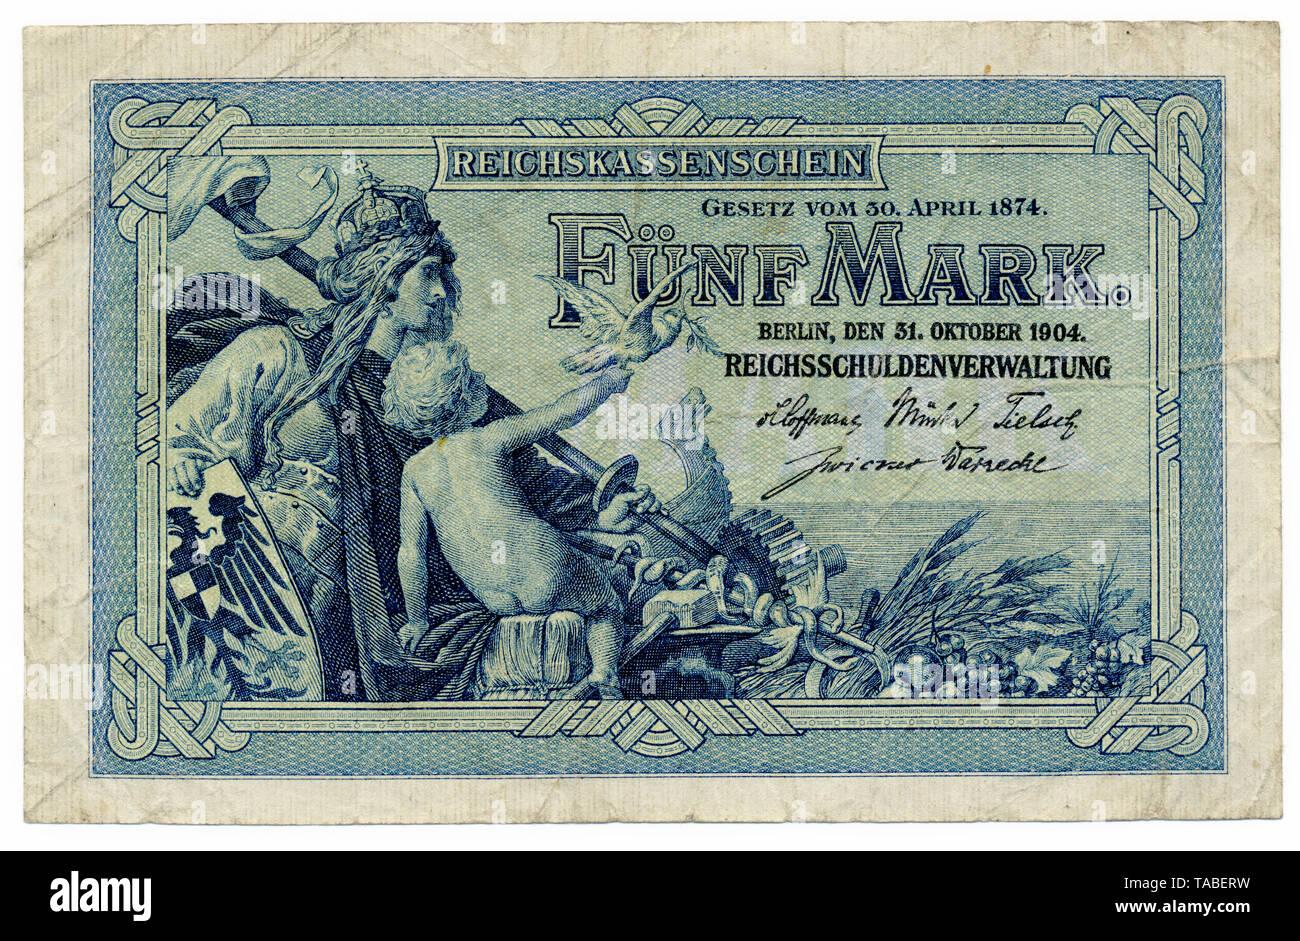 Vorderseite der Reichsbank Banknote, Vorderseite, Reichskassenschein, Reichsbanknote, 5 Mark, 1904, Deutschland, Europa Stockbild